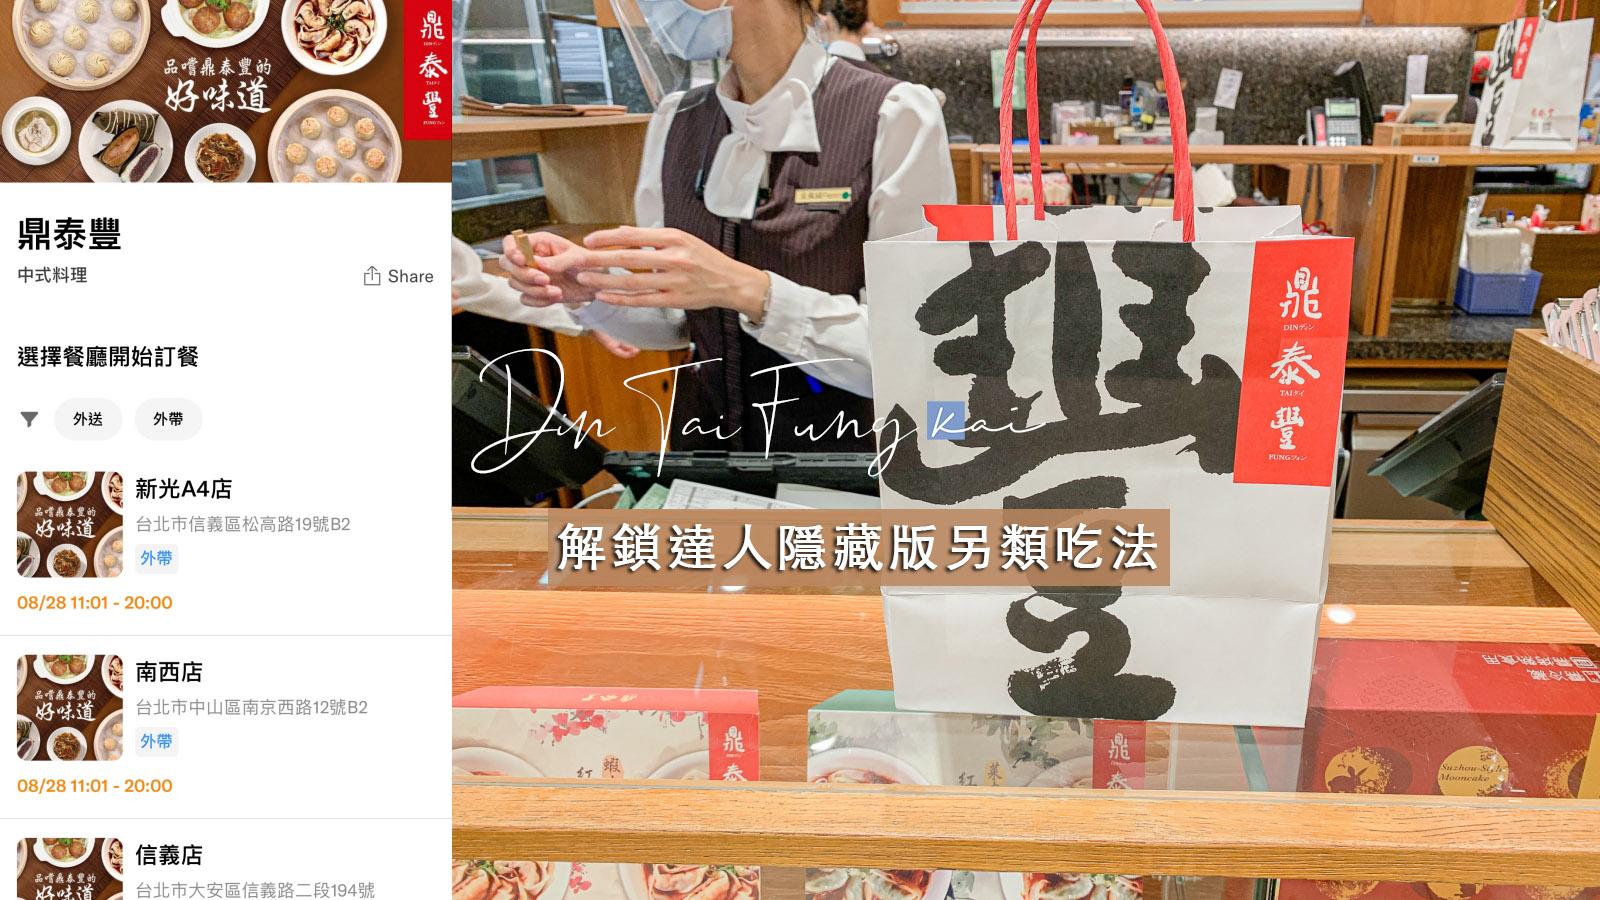 即時熱門文章:☆【美食】鼎泰豐外帶開箱。炒飯隱藏版吃法(菜單、訂餐)